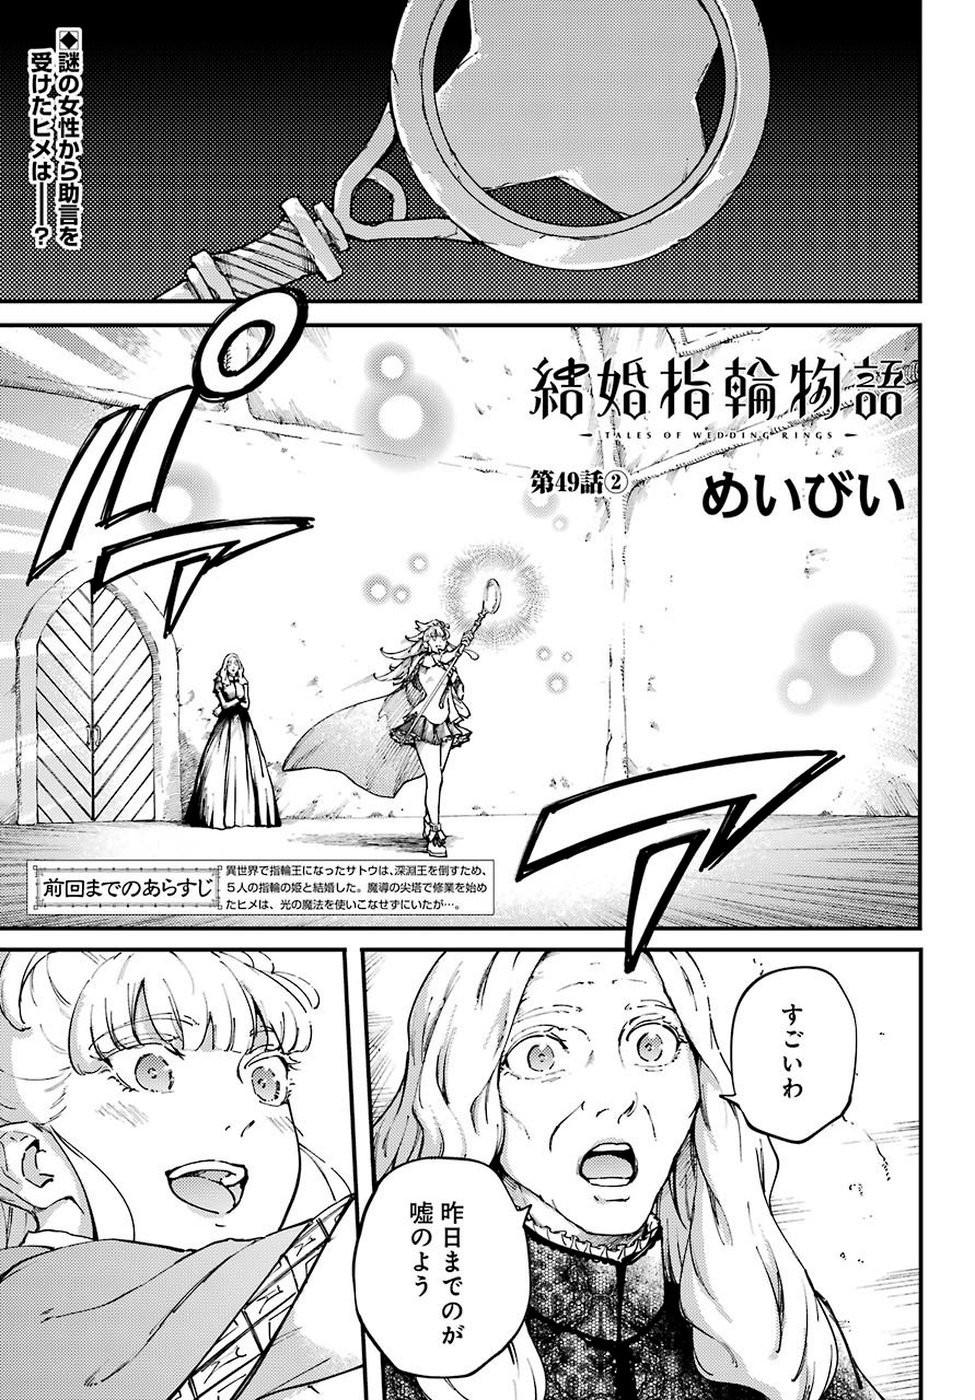 Kekkon-Yubiwa-Monogatari - Chapter 49.5 - Page 1